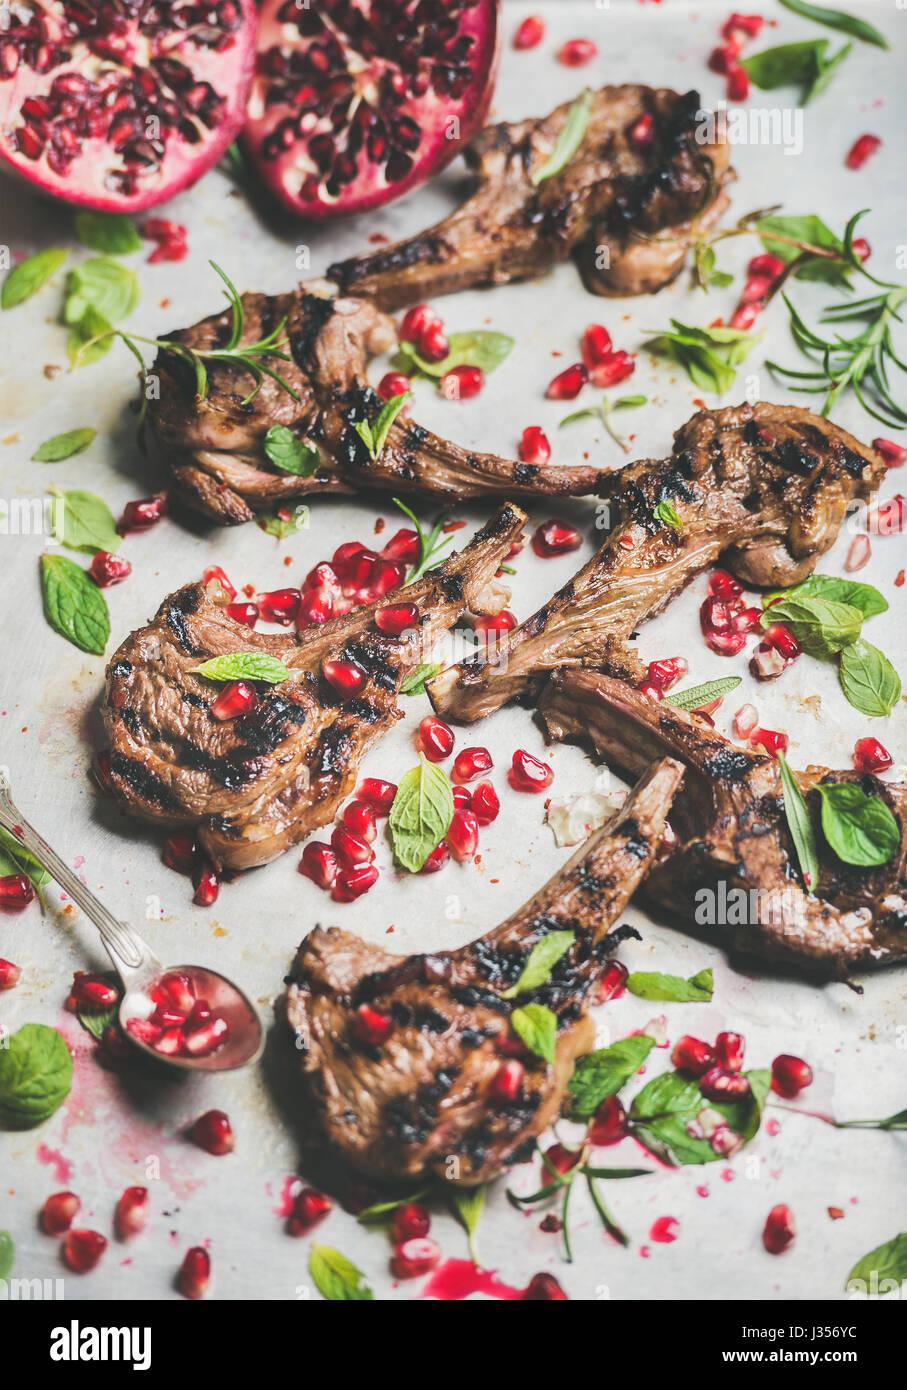 Côtes d'agneau grillées avec graines de grenade, menthe et romarin frais Photo Stock